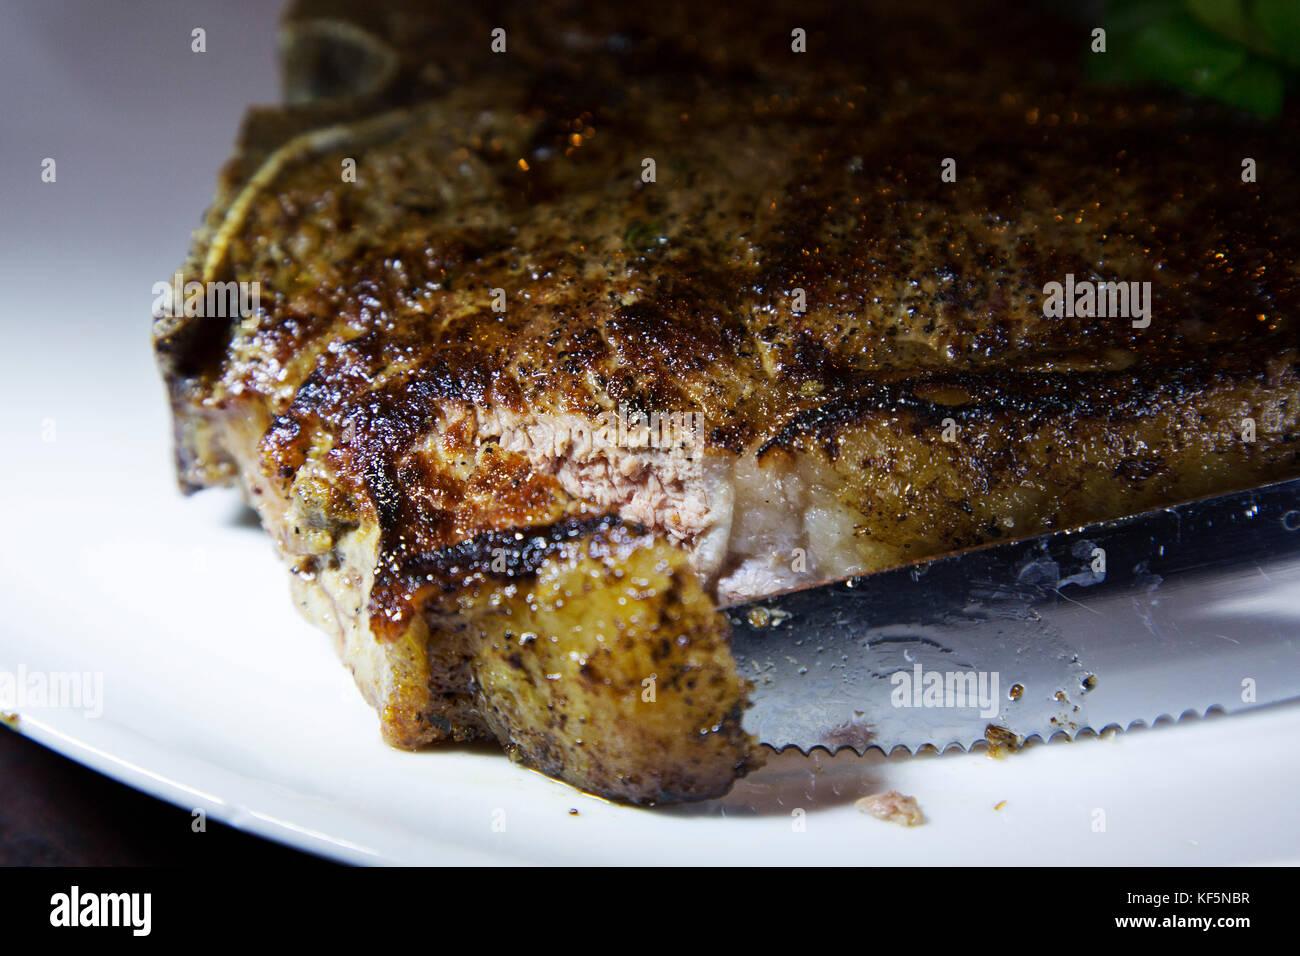 Ein Messer schneidet in ein T-Bone Steak Fleisch von einem britischen - angehobene Hereford Rind. Das Gericht mit Stockbild